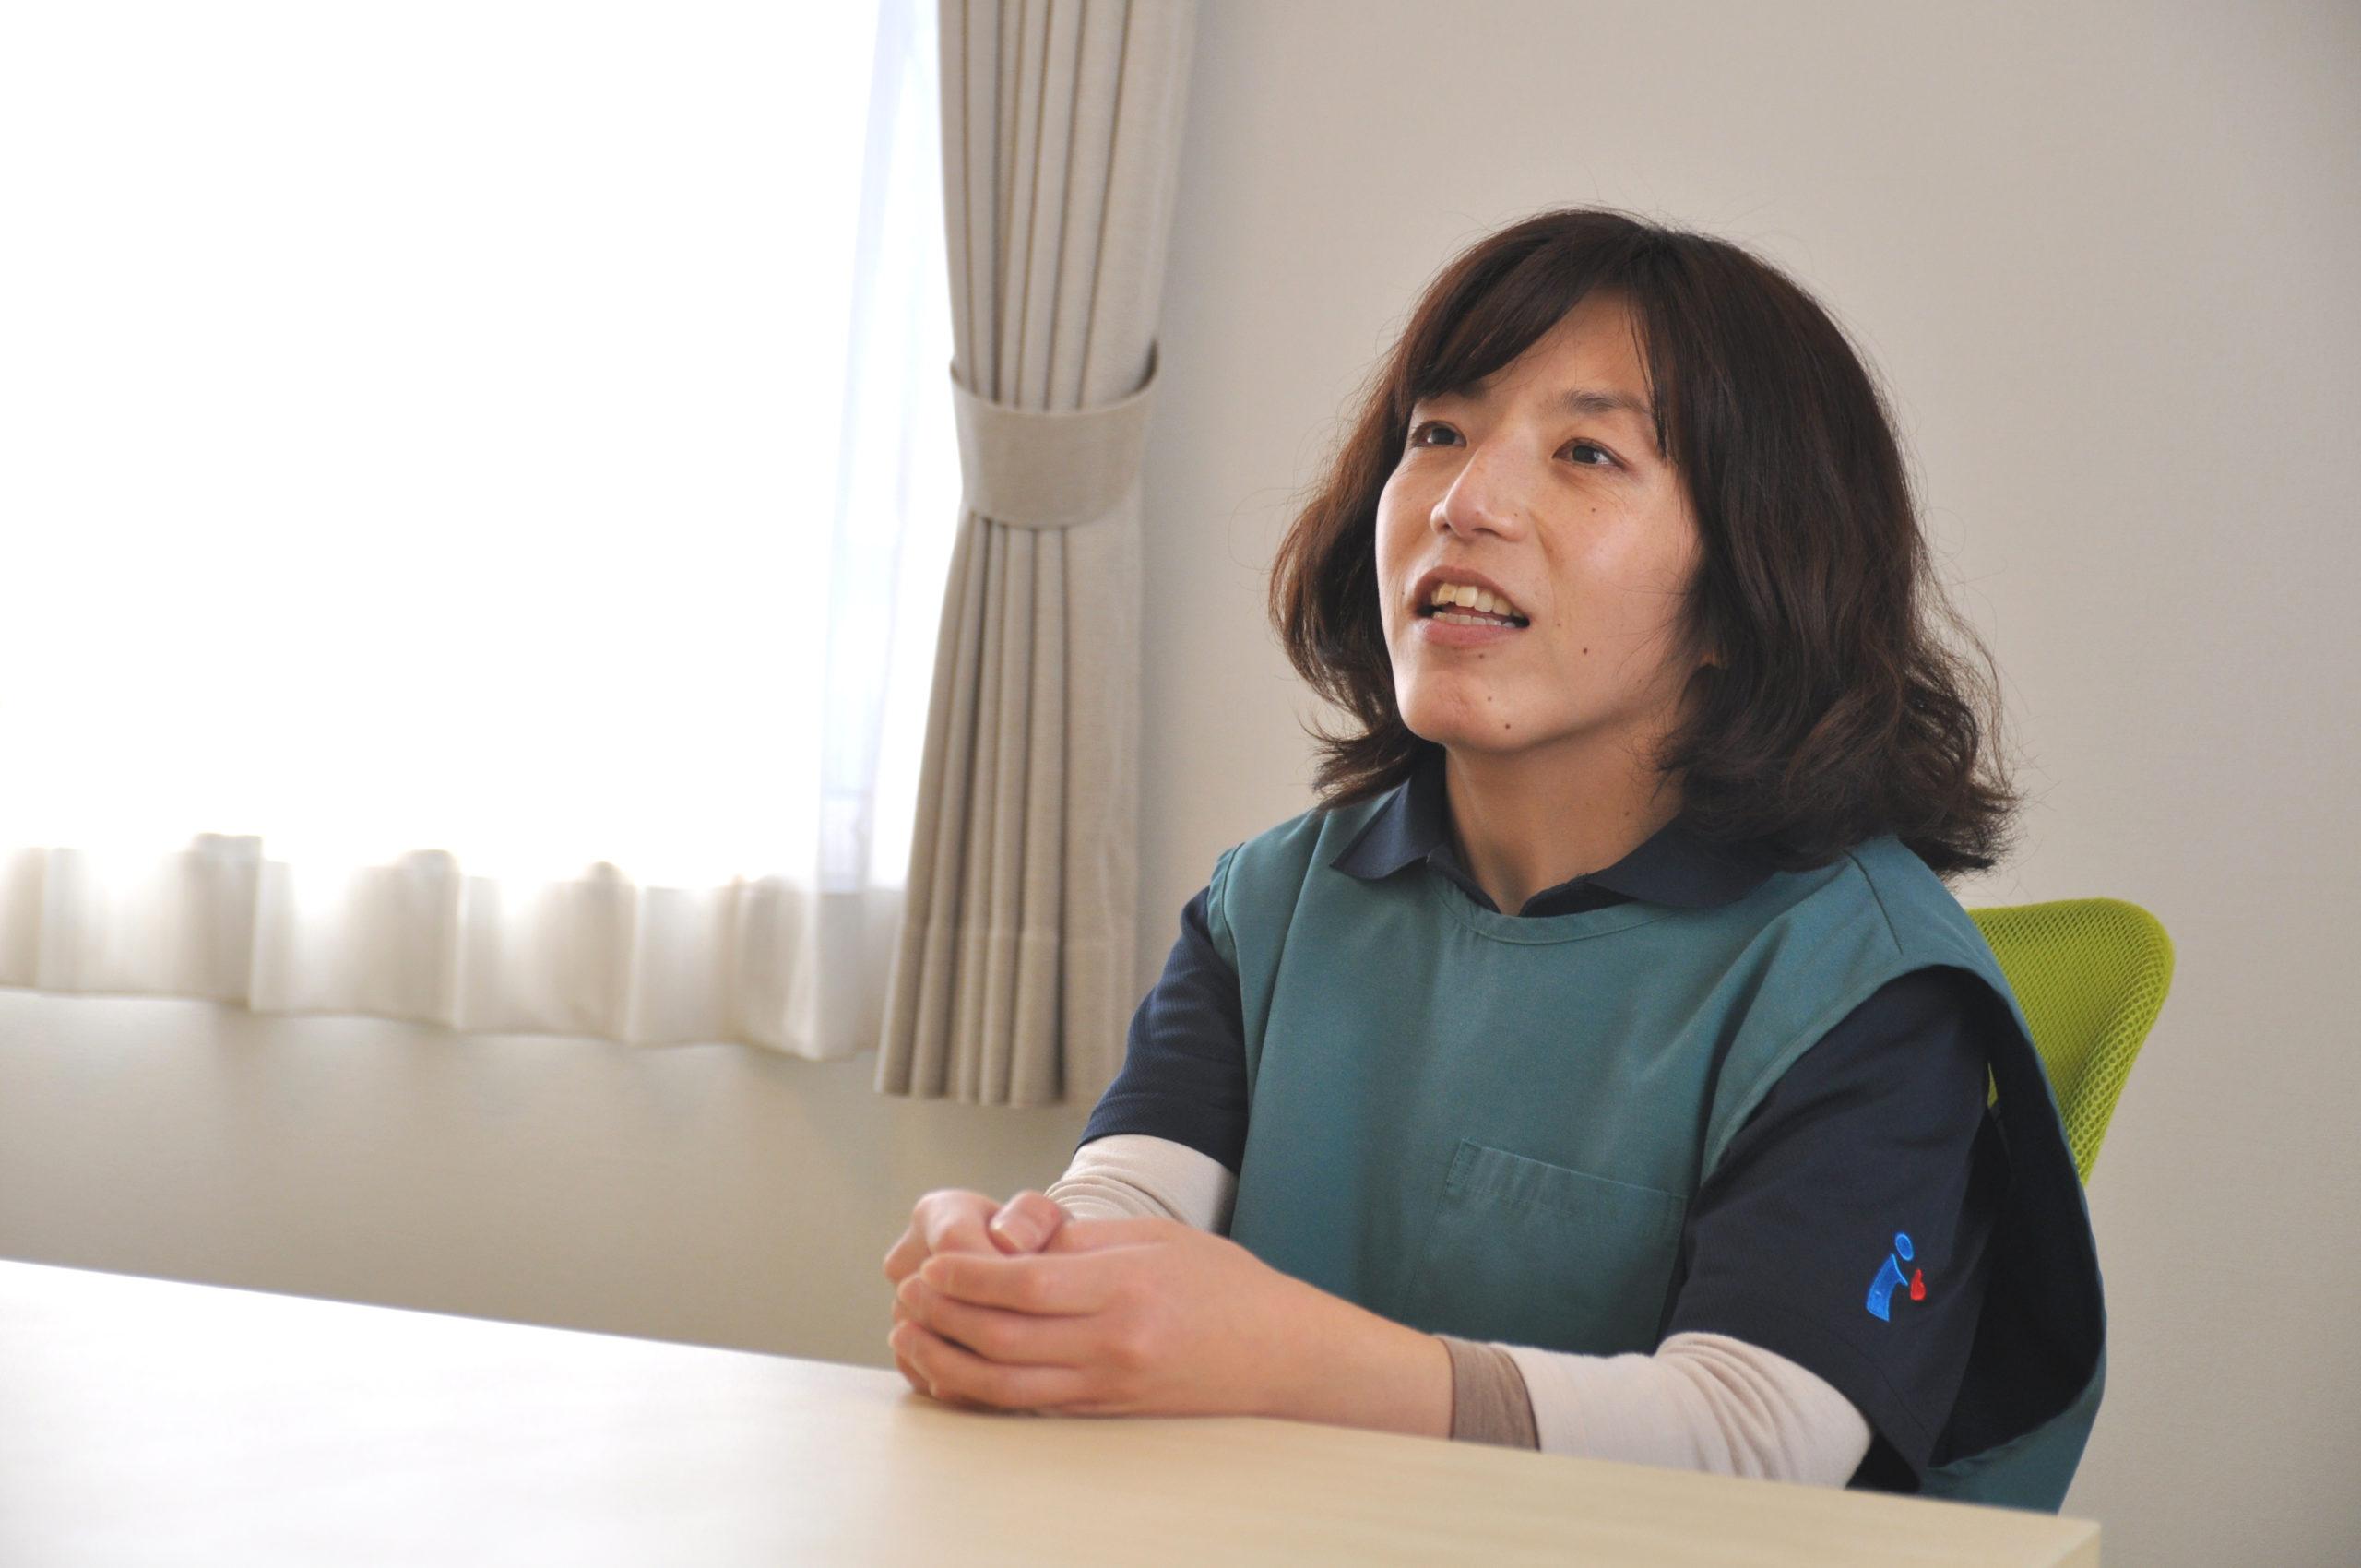 愛・グループホーム鷺沼台<br>介護スタッフ 瀬谷 さん イメージ